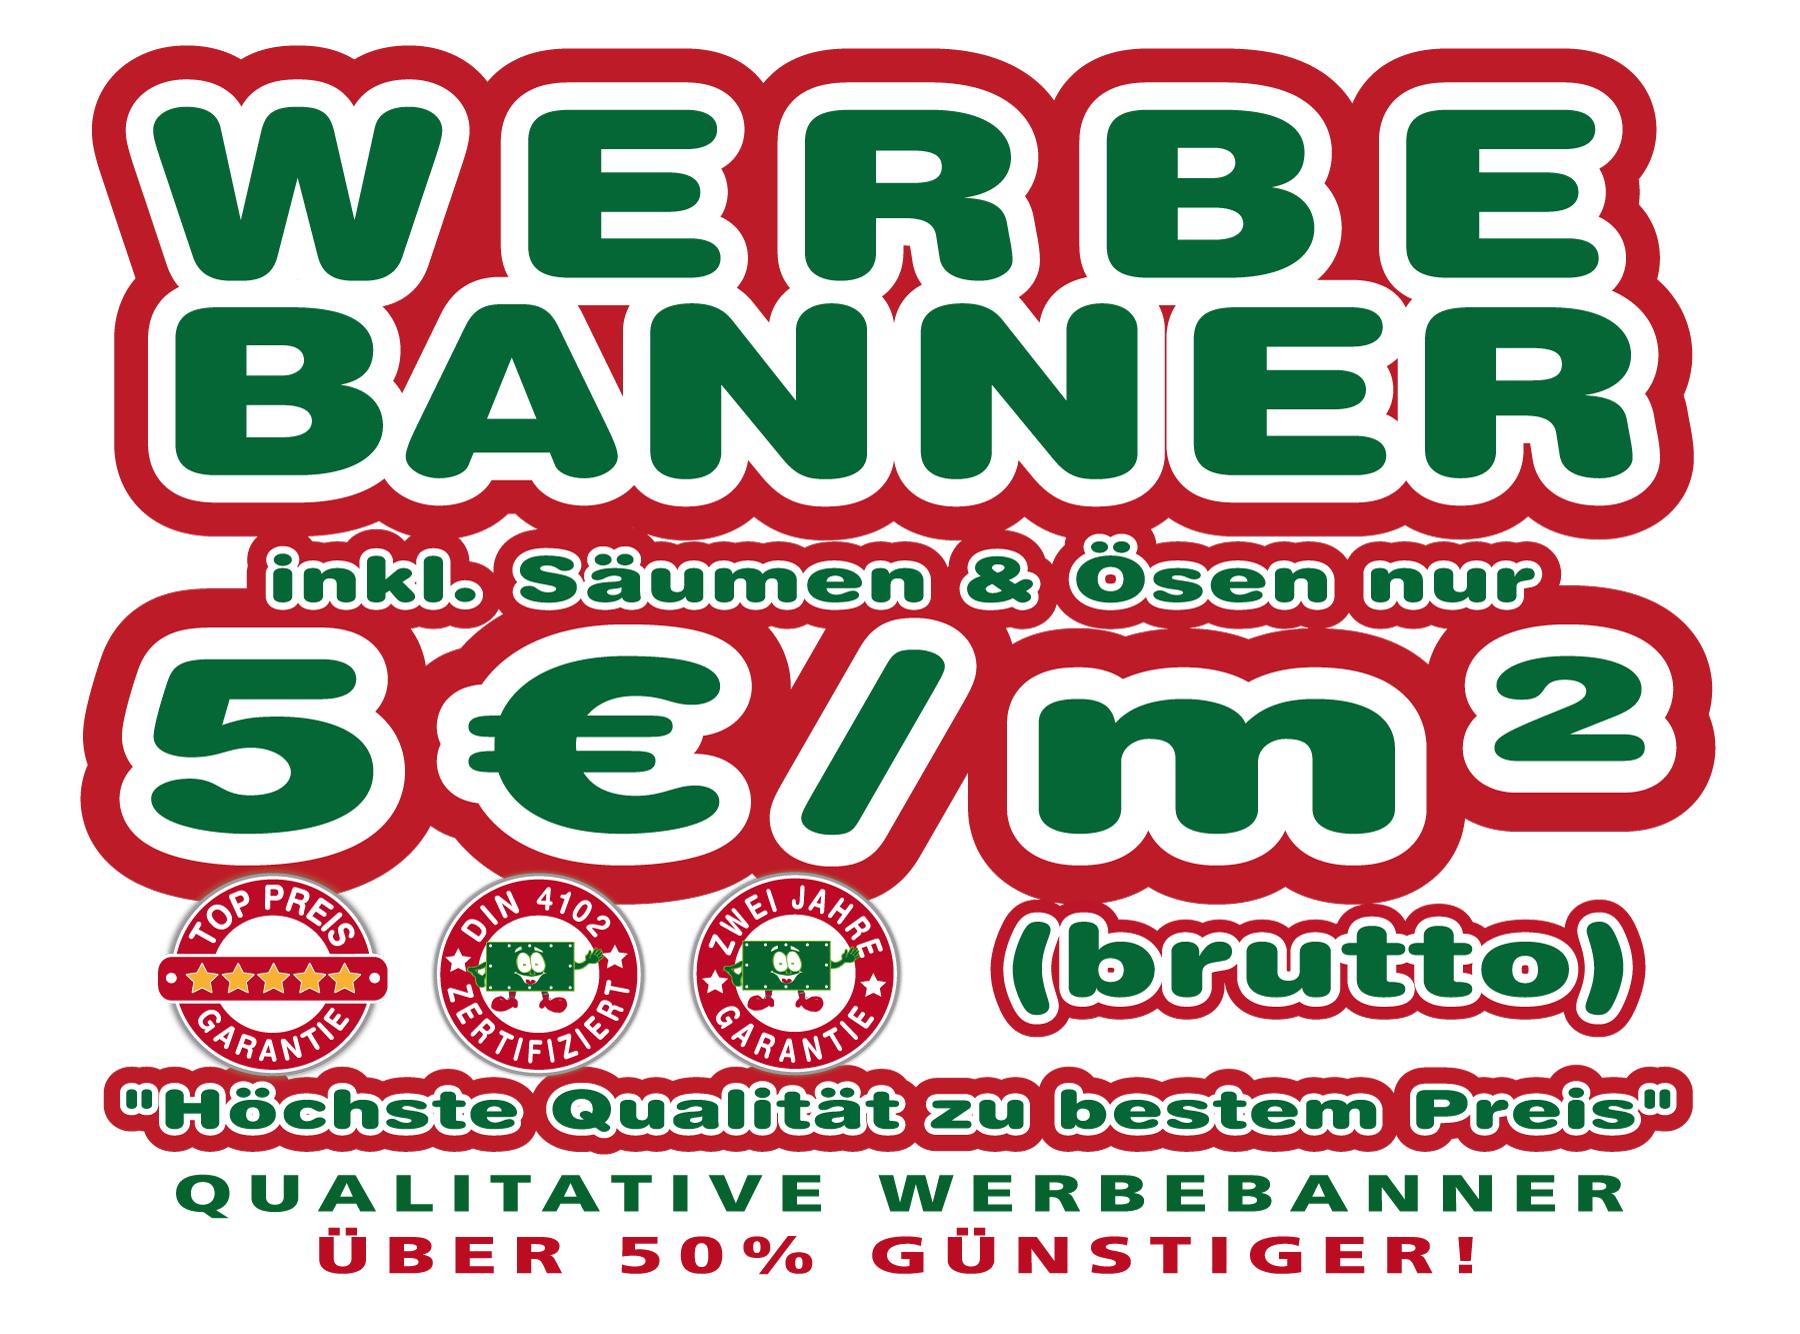 Werbebanner, Meshbanner, PVC-Banner günstig bedrucken